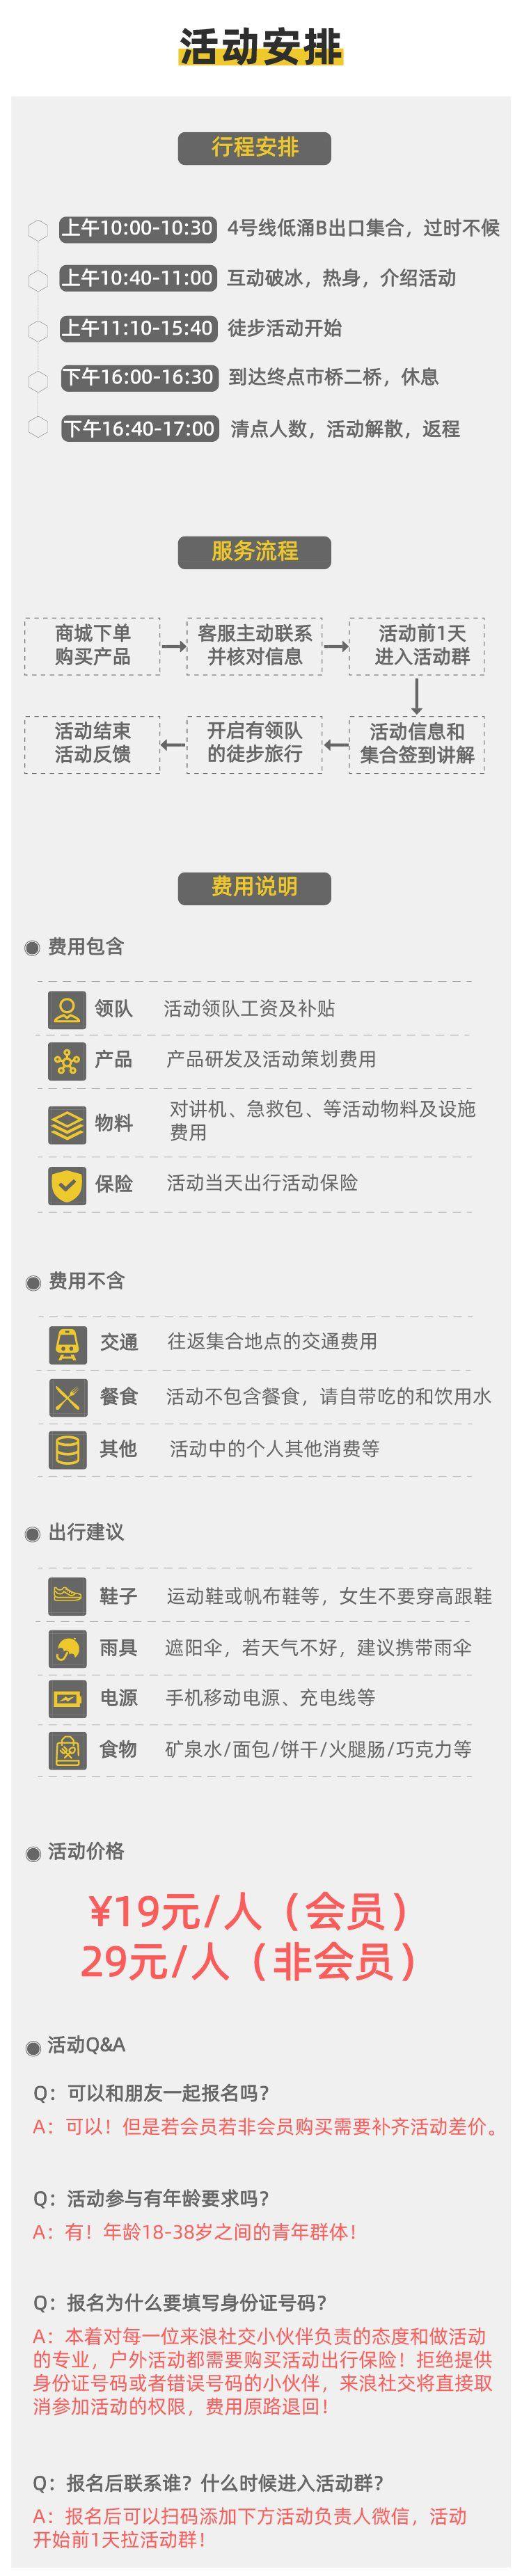 大刀沙活动安排_自定义px_2021-04-13-0.png